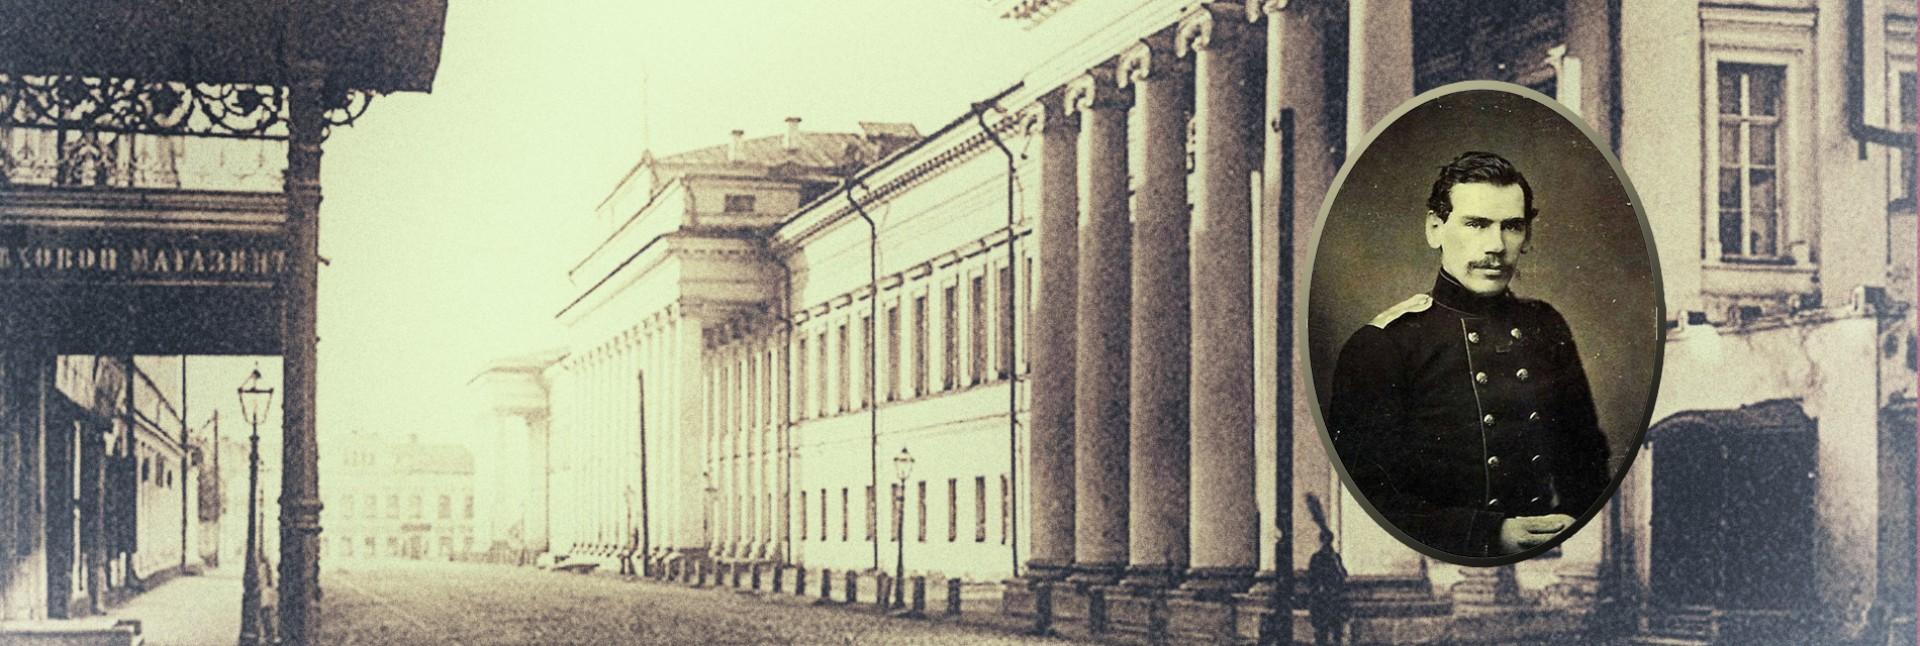 Год Льва Толстого в Казанском федеральном университете